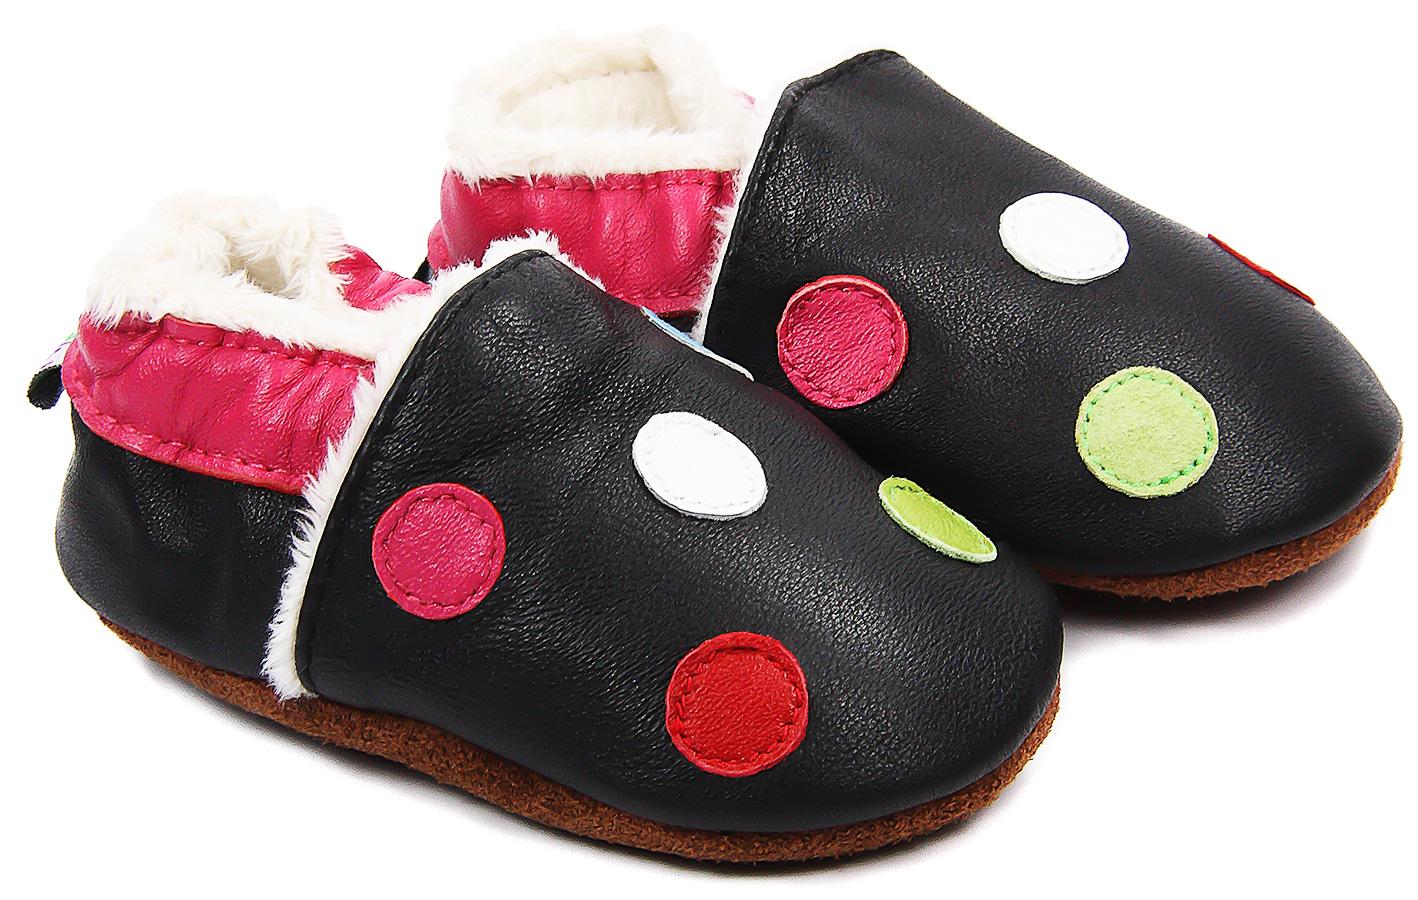 Chaussons bébé fourrés en cuir Petits Pois